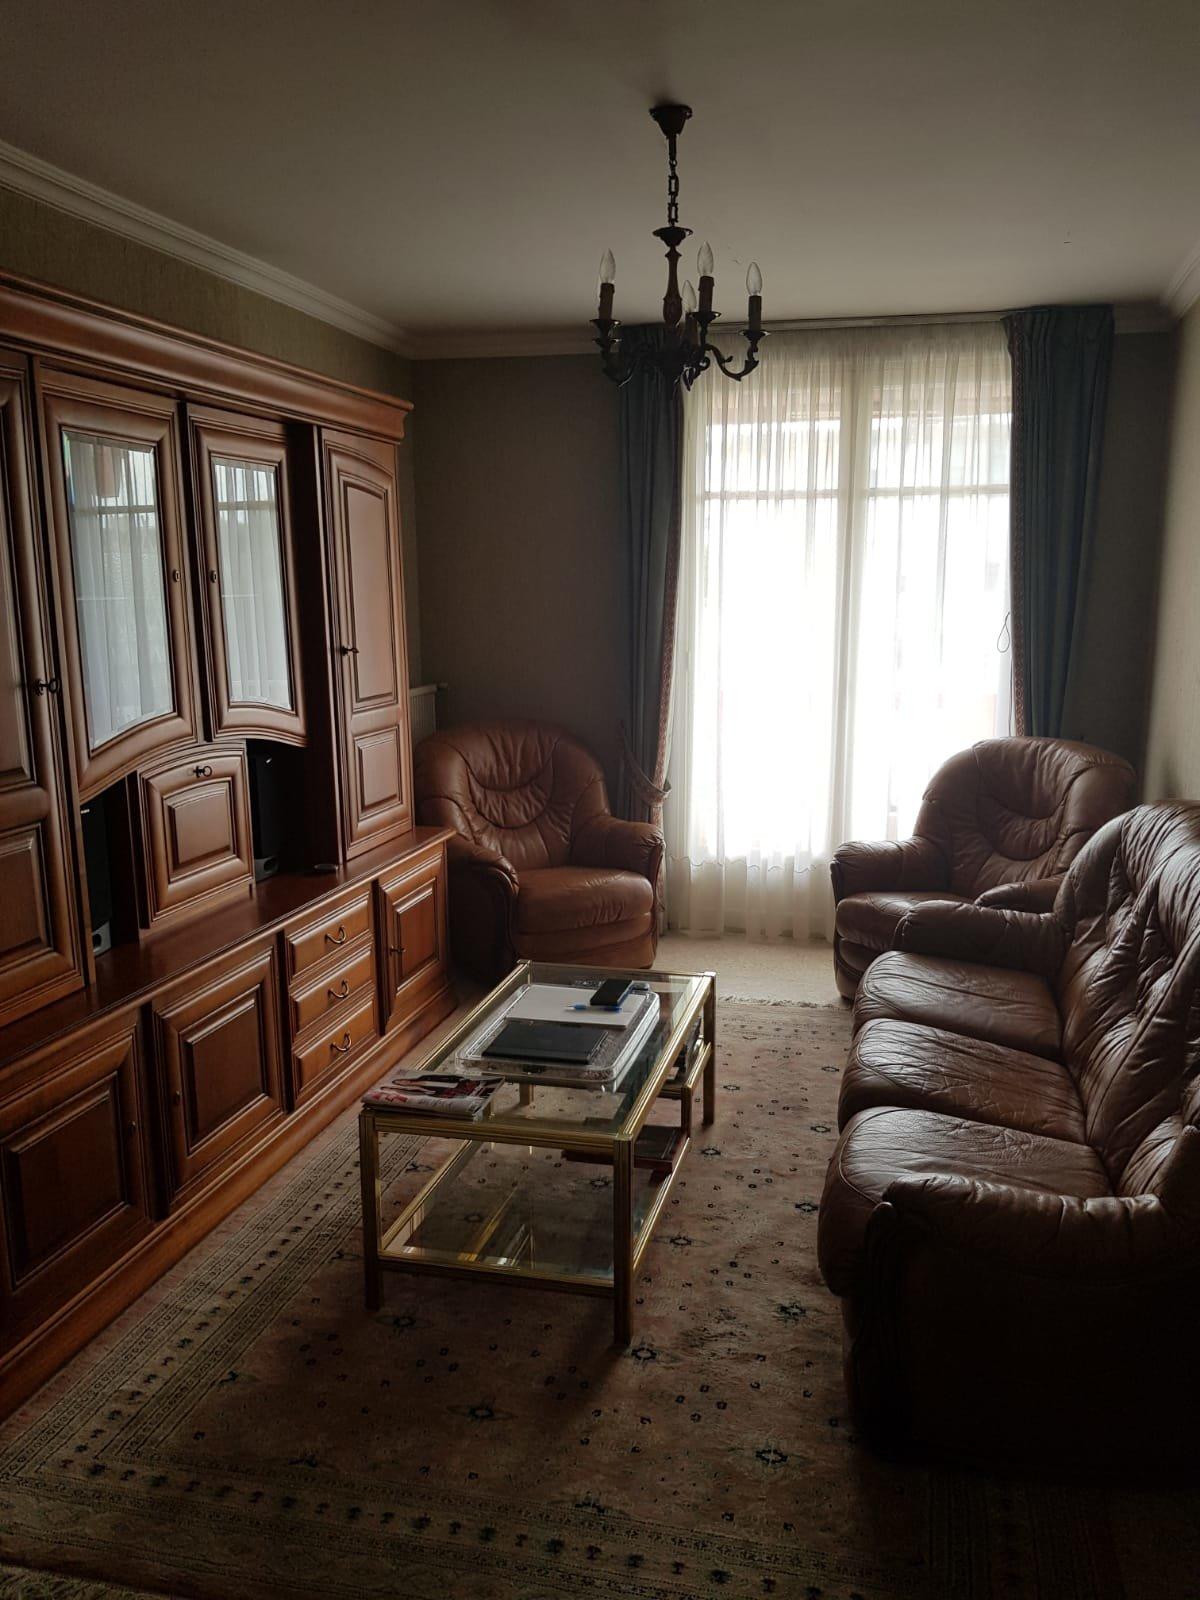 Appartement 3 pièces Antibes au calme